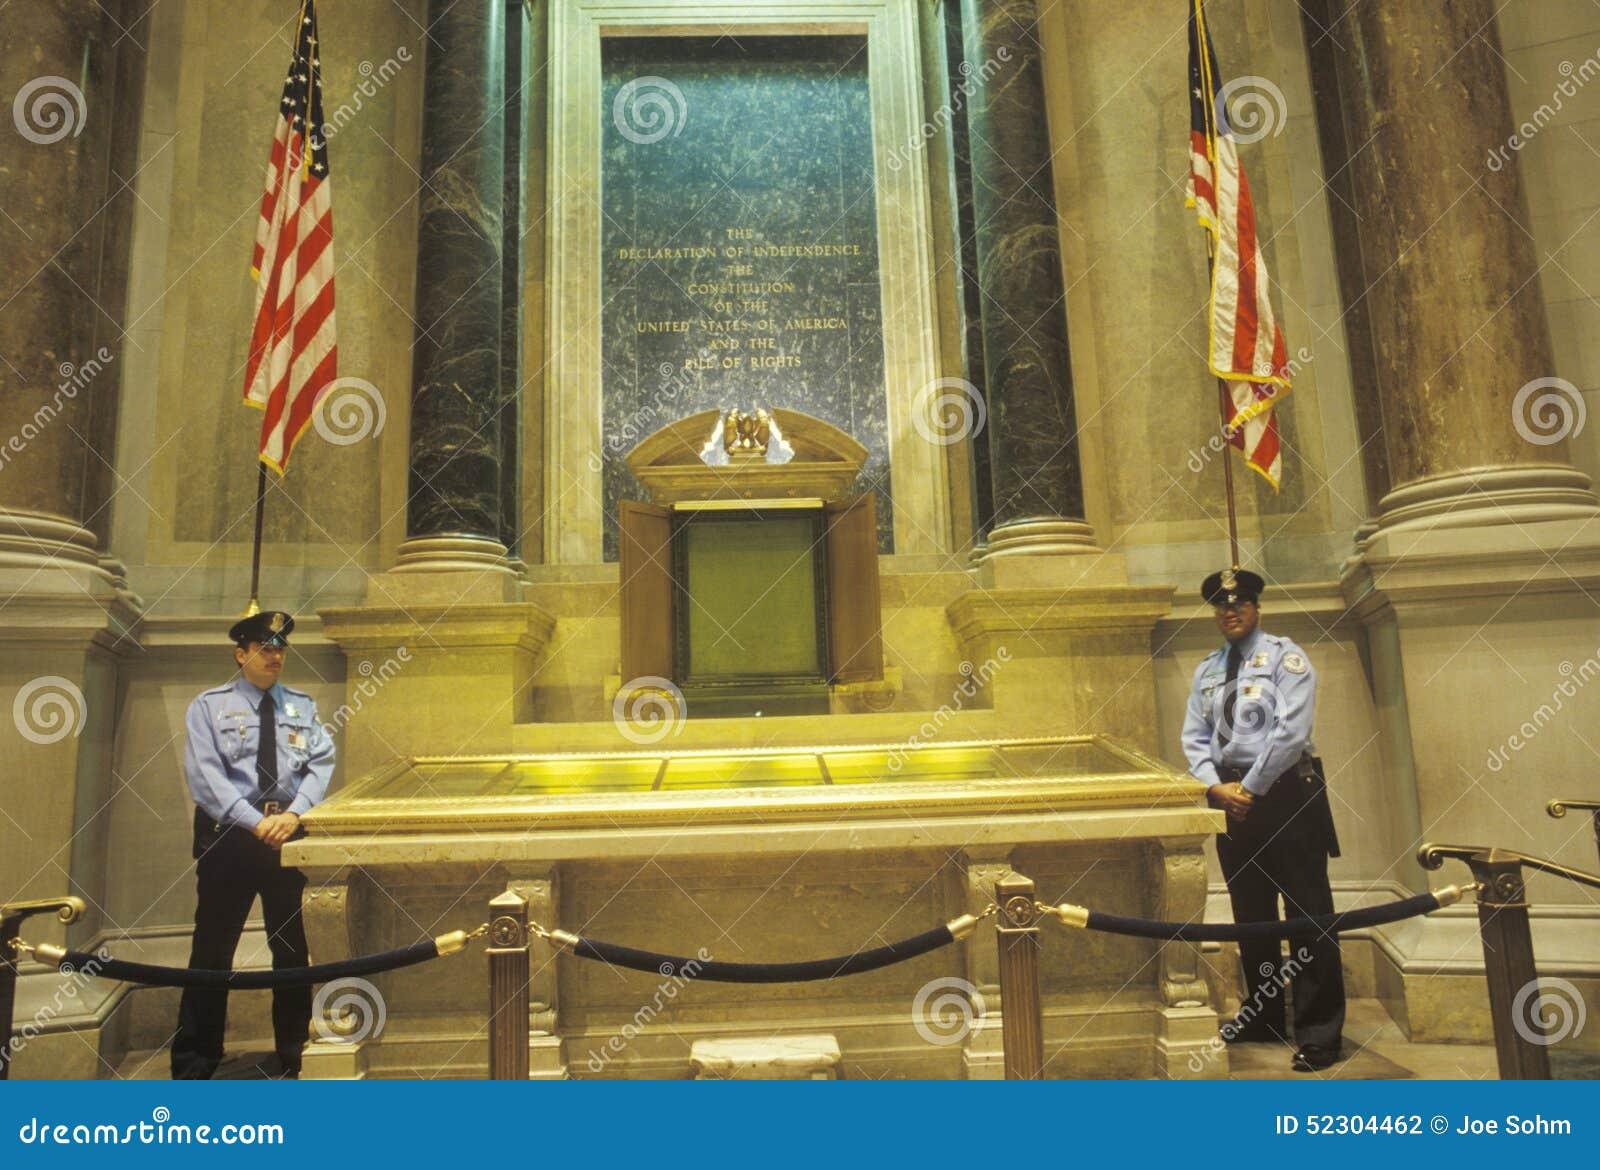 Die Konstitution und die Verfassungsurkunde geschützt von Policemen, nationale Archive, Washington, Gleichstrom C